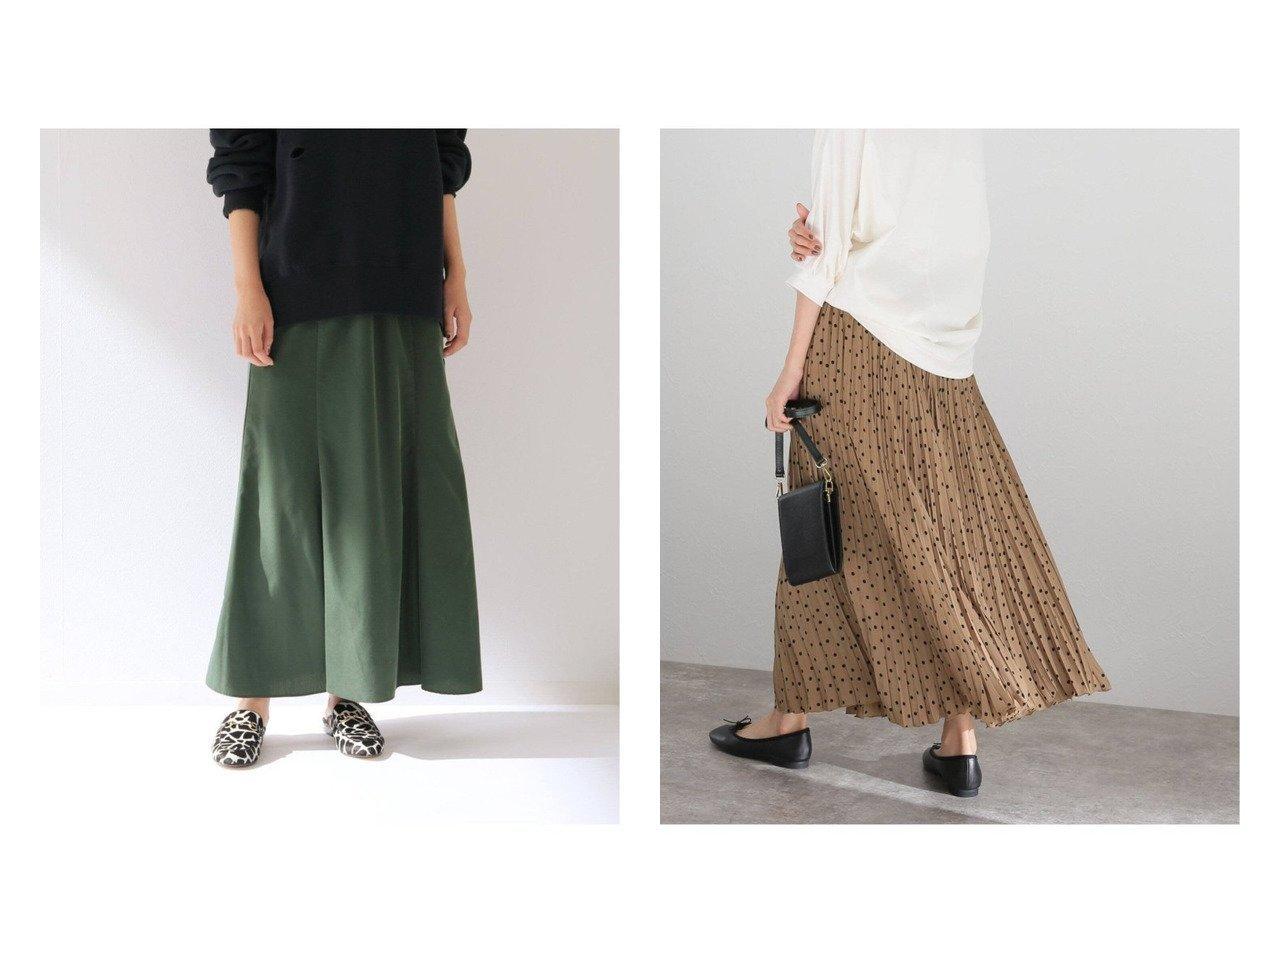 【La TOTALITE/ラ トータリテ】のドットサテンサーキュラープリーツスカート&【FRAMeWORK/フレームワーク】のレーヨンマーメイドスカート 【スカート】おすすめ!人気、トレンド・レディースファッションの通販 おすすめで人気の流行・トレンド、ファッションの通販商品 インテリア・家具・メンズファッション・キッズファッション・レディースファッション・服の通販 founy(ファニー) https://founy.com/ ファッション Fashion レディースファッション WOMEN スカート Skirt プリーツスカート Pleated Skirts ロングスカート Long Skirt クラシカル コンパクト サンダル ドット フィット プリント プリーツ リブニット リラックス ロング A/W・秋冬 AW・Autumn/Winter・FW・Fall-Winter 2021年 2021 2021-2022秋冬・A/W AW・Autumn/Winter・FW・Fall-Winter・2021-2022 NEW・新作・新着・新入荷 New Arrivals 冬 Winter |ID:crp329100000070210